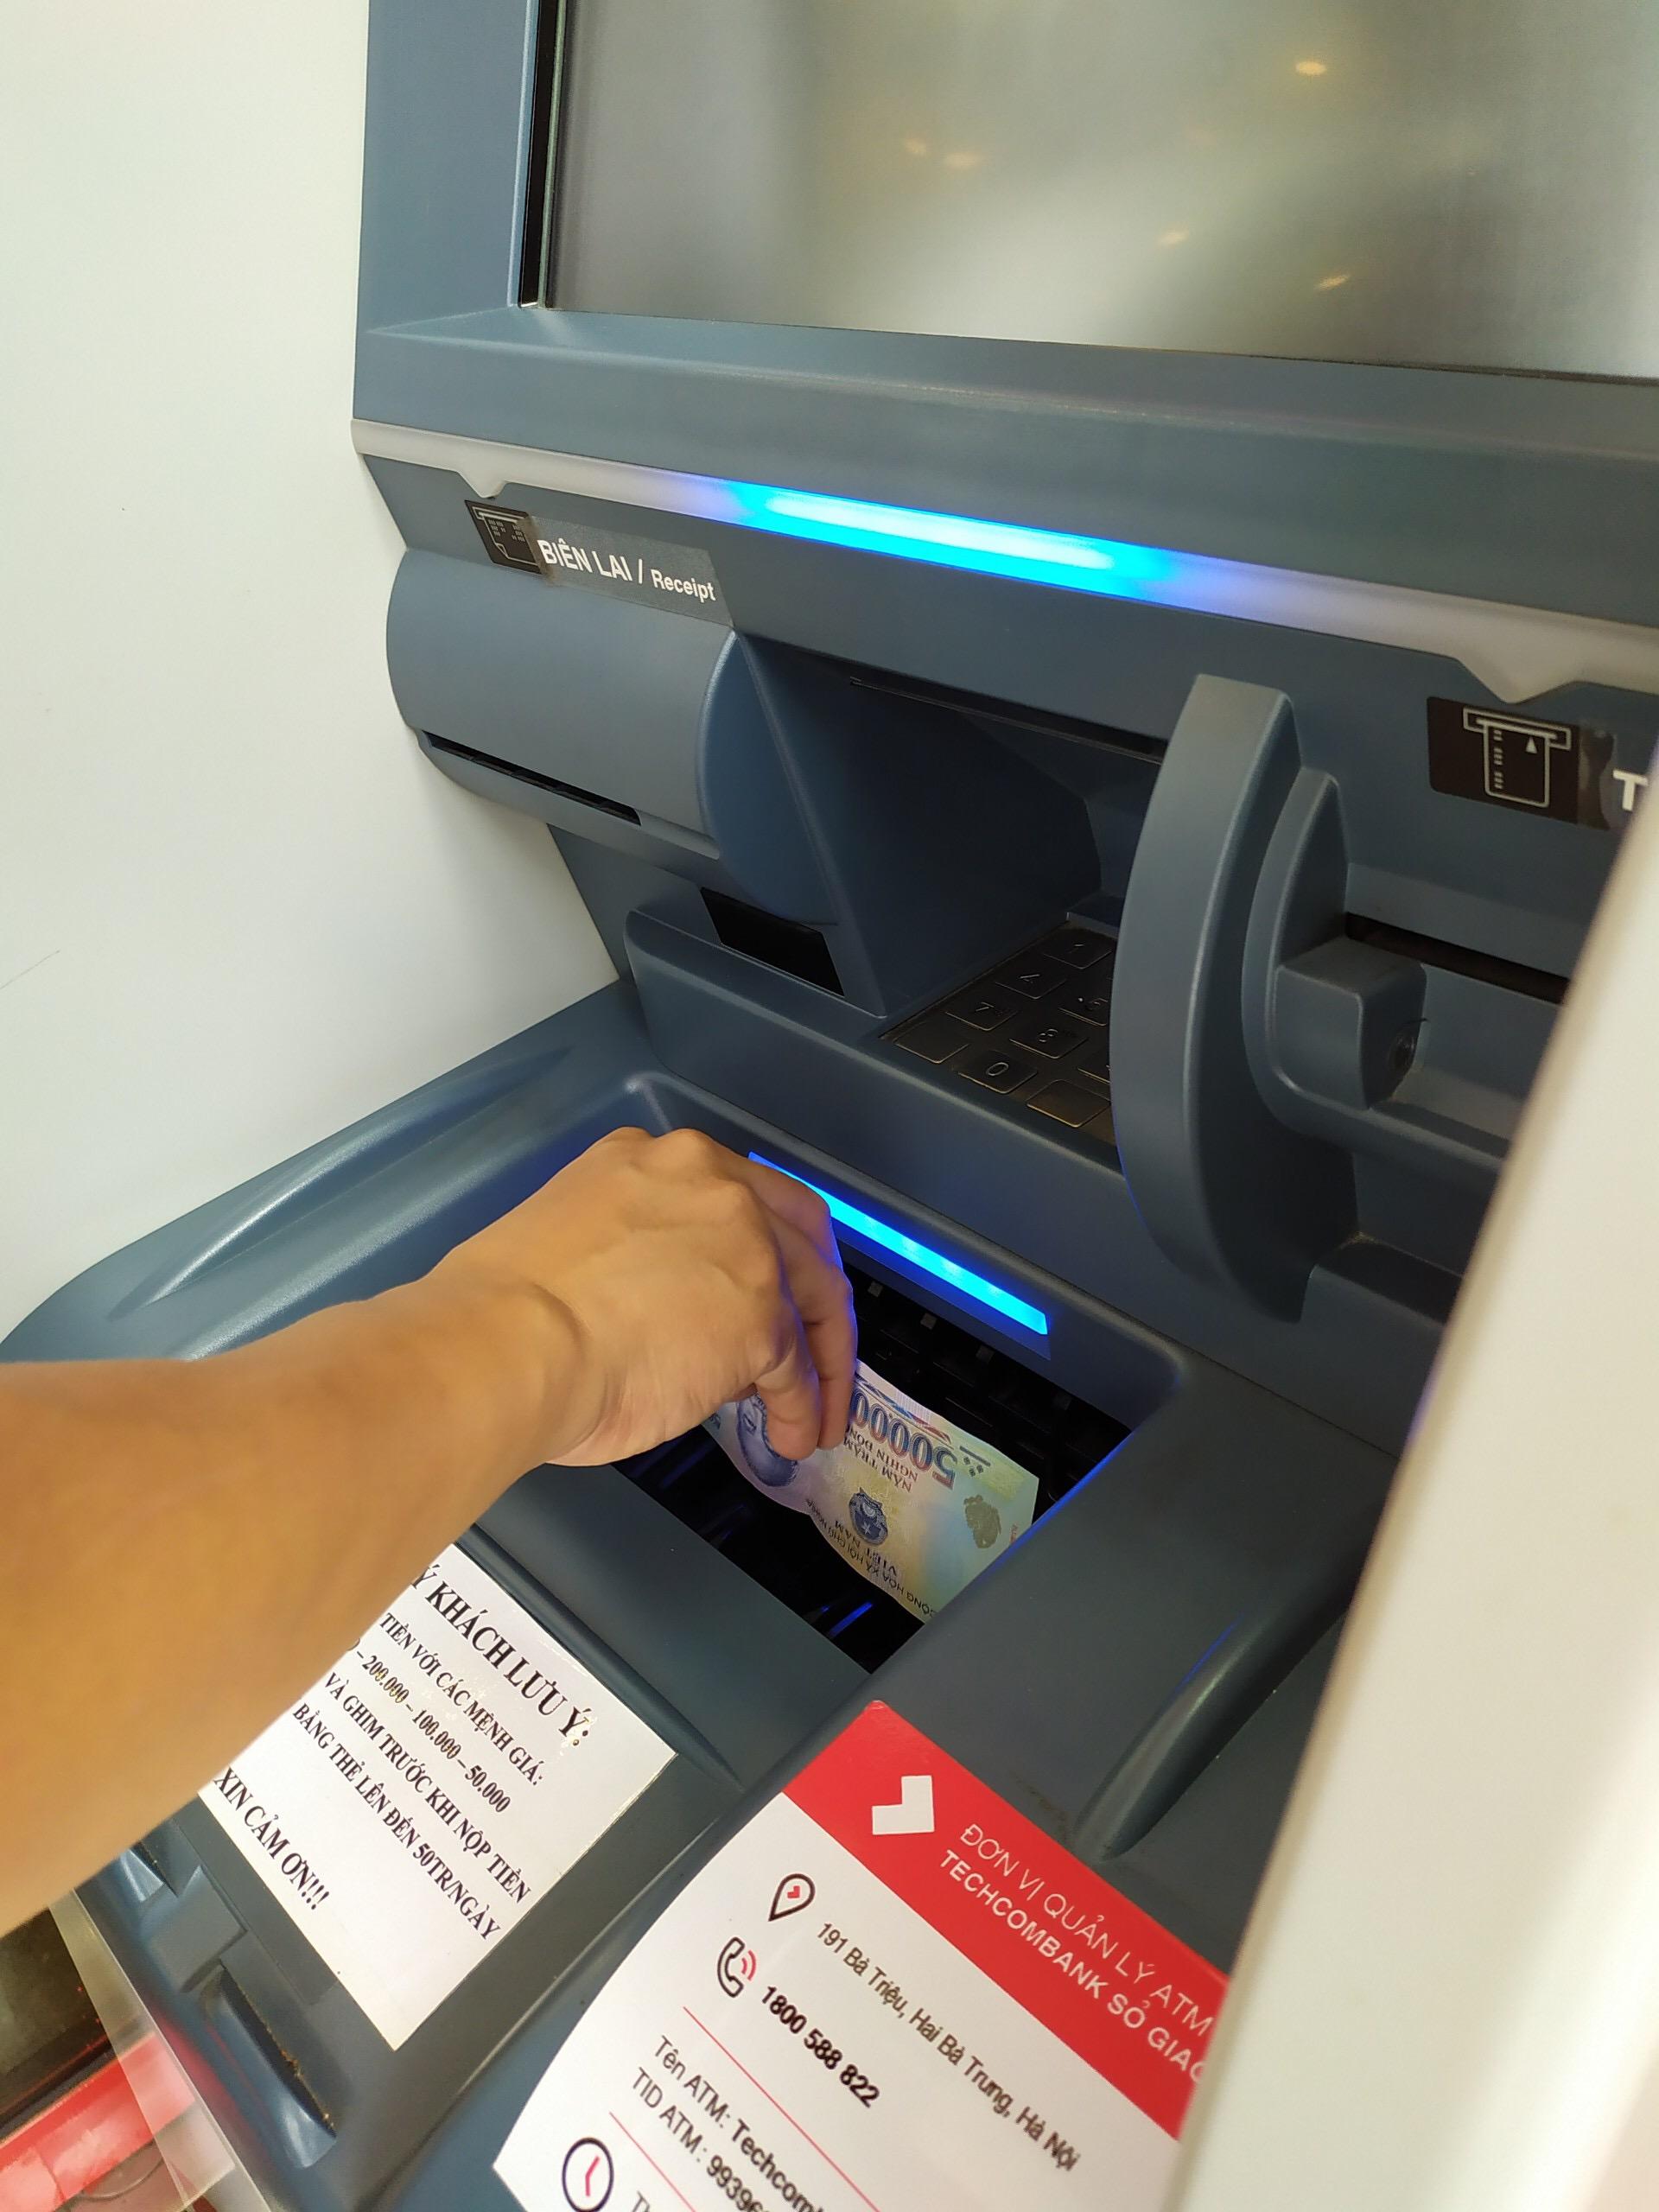 Techcombank thêm tiện ích trên hệ thống ATM thế hệ mới - Ảnh 2.